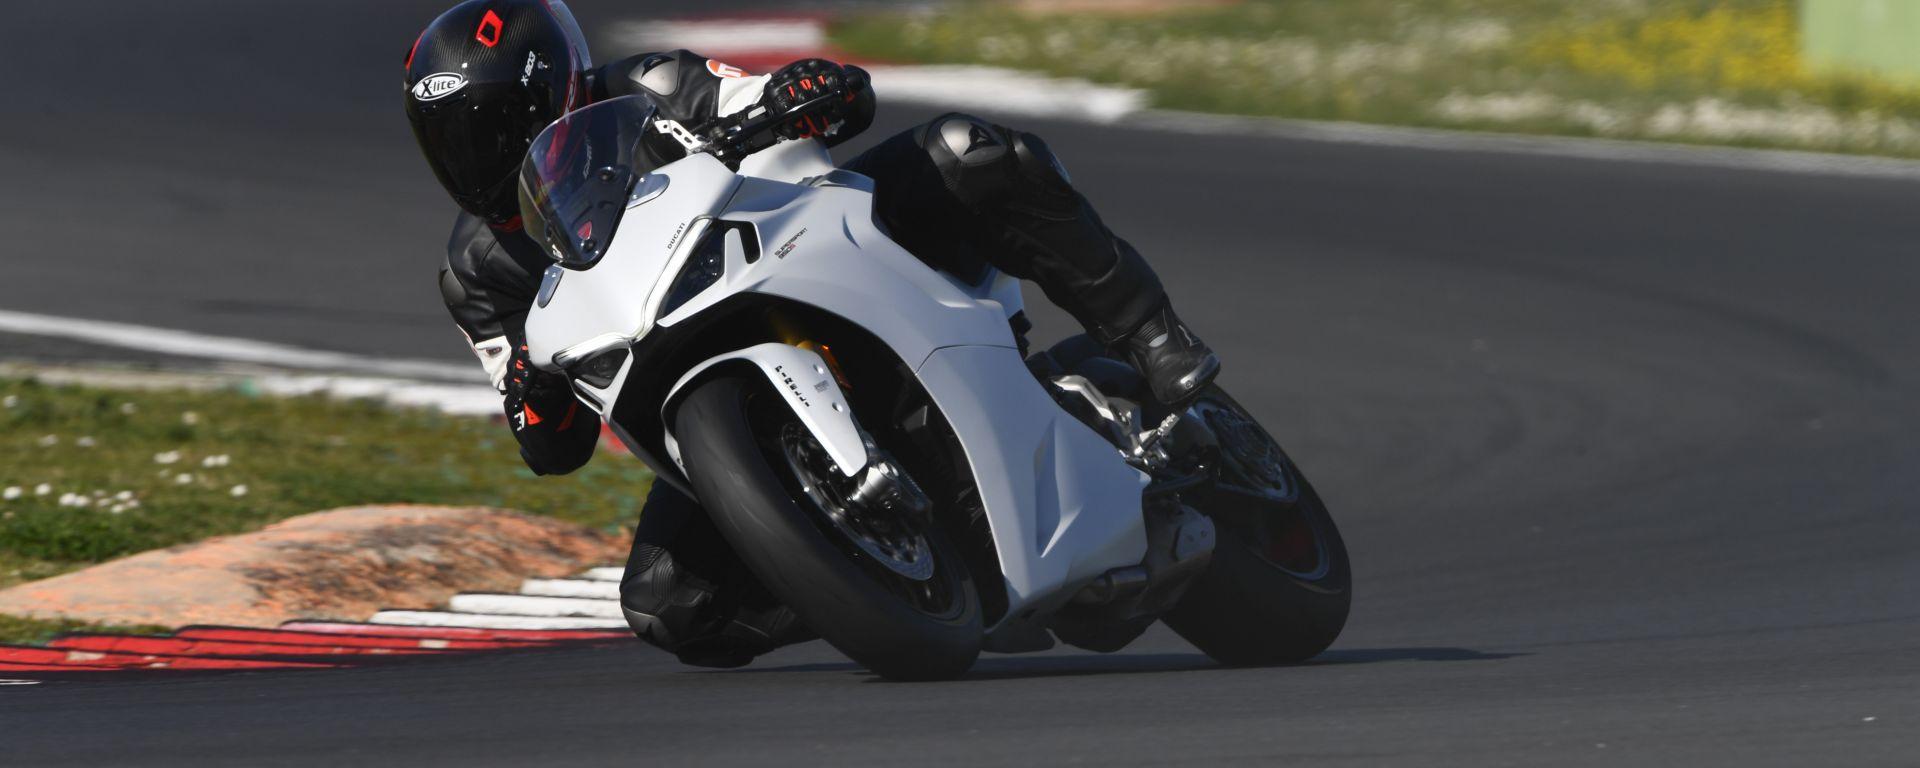 Ducati Supersport 950 S, la porta d'accesso alle sportive Ducati